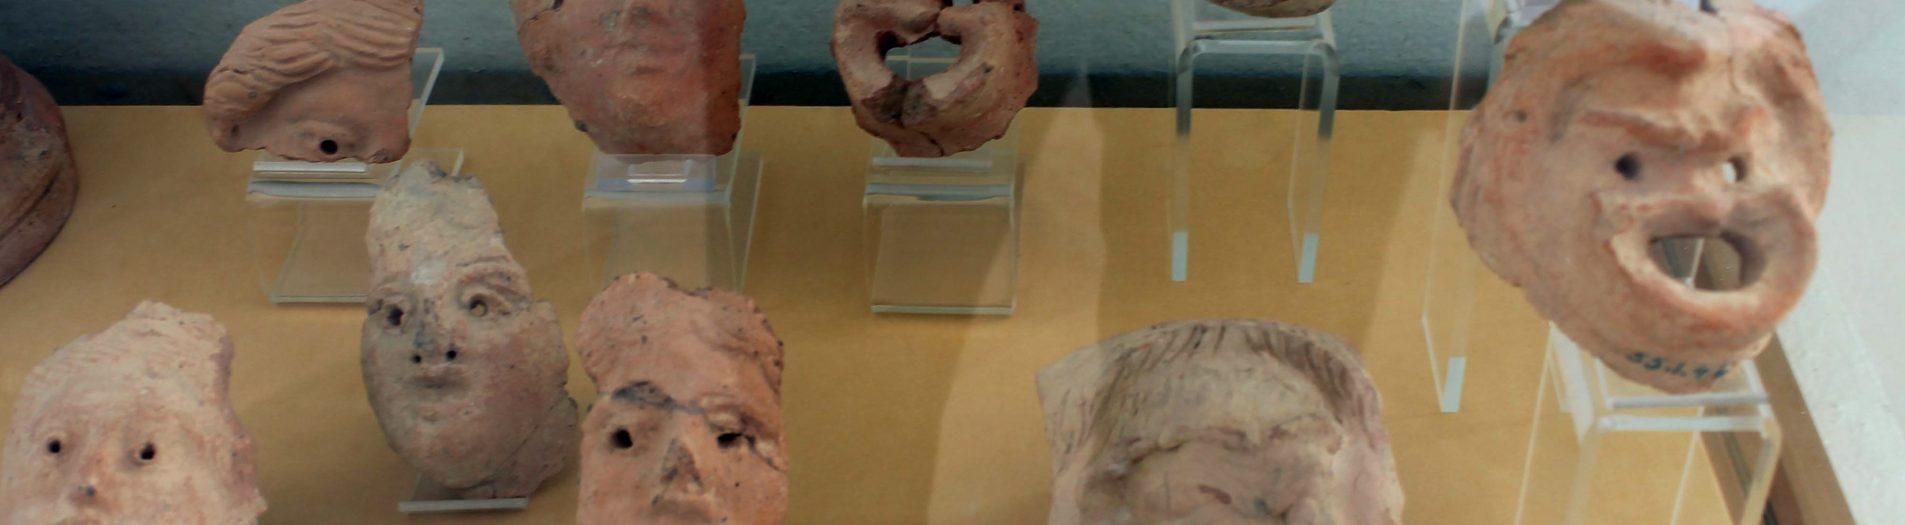 Les masques et les protomés humains puniques